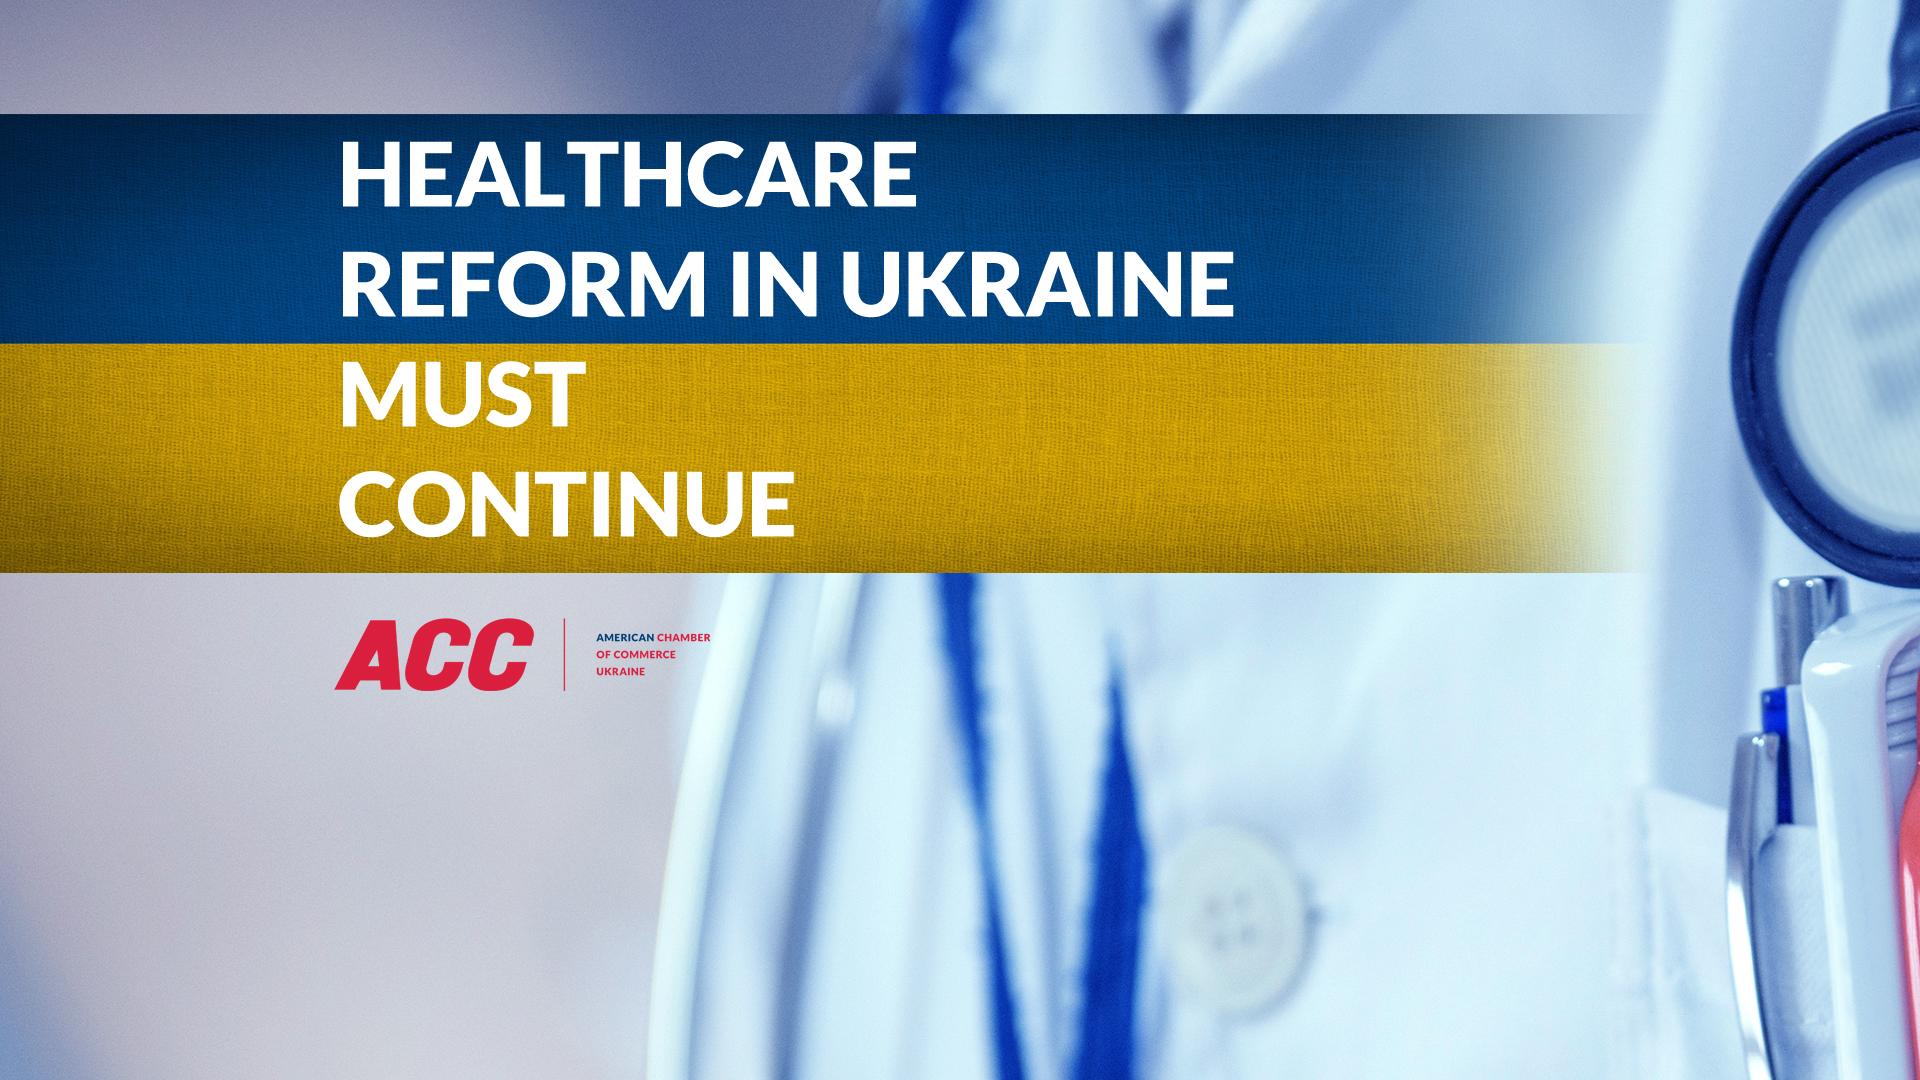 Реформа охорони здоров'я в Україні має продовжуватися – заява Американської торговельної палати в Україні